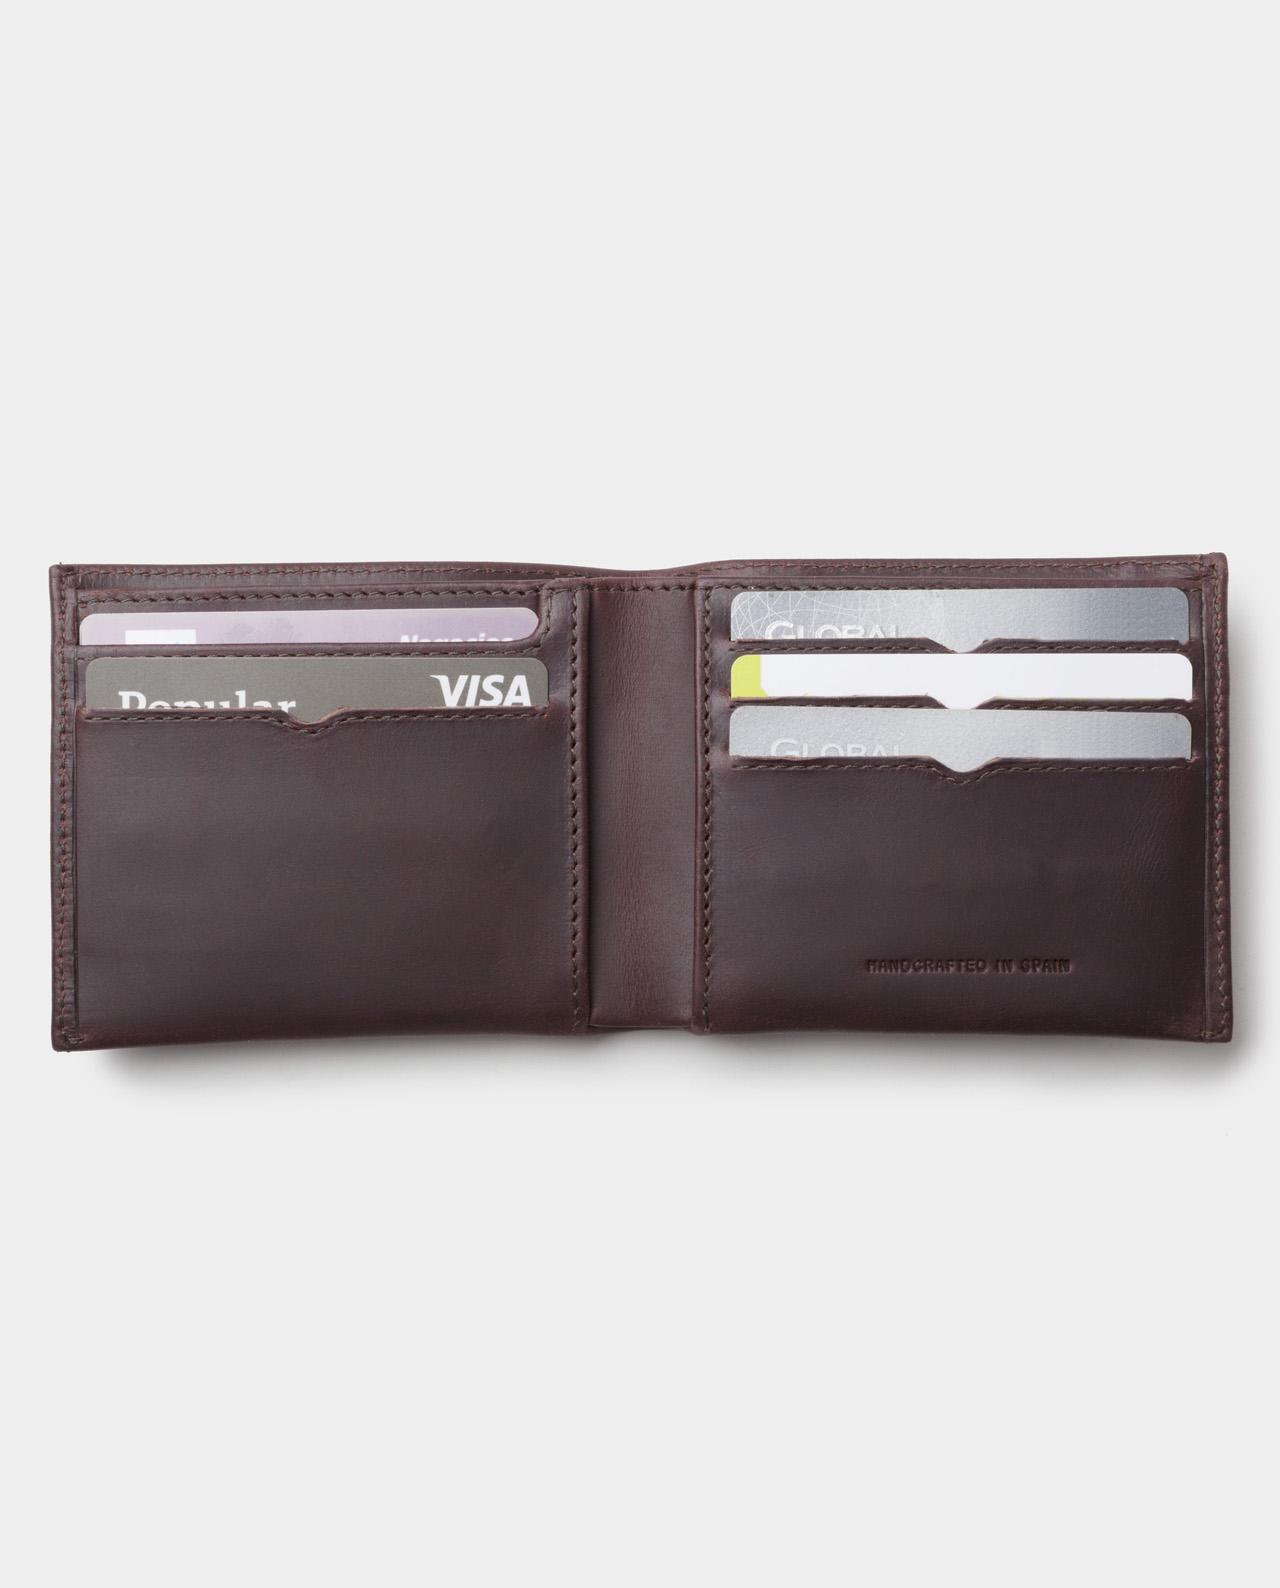 billfold wallet black